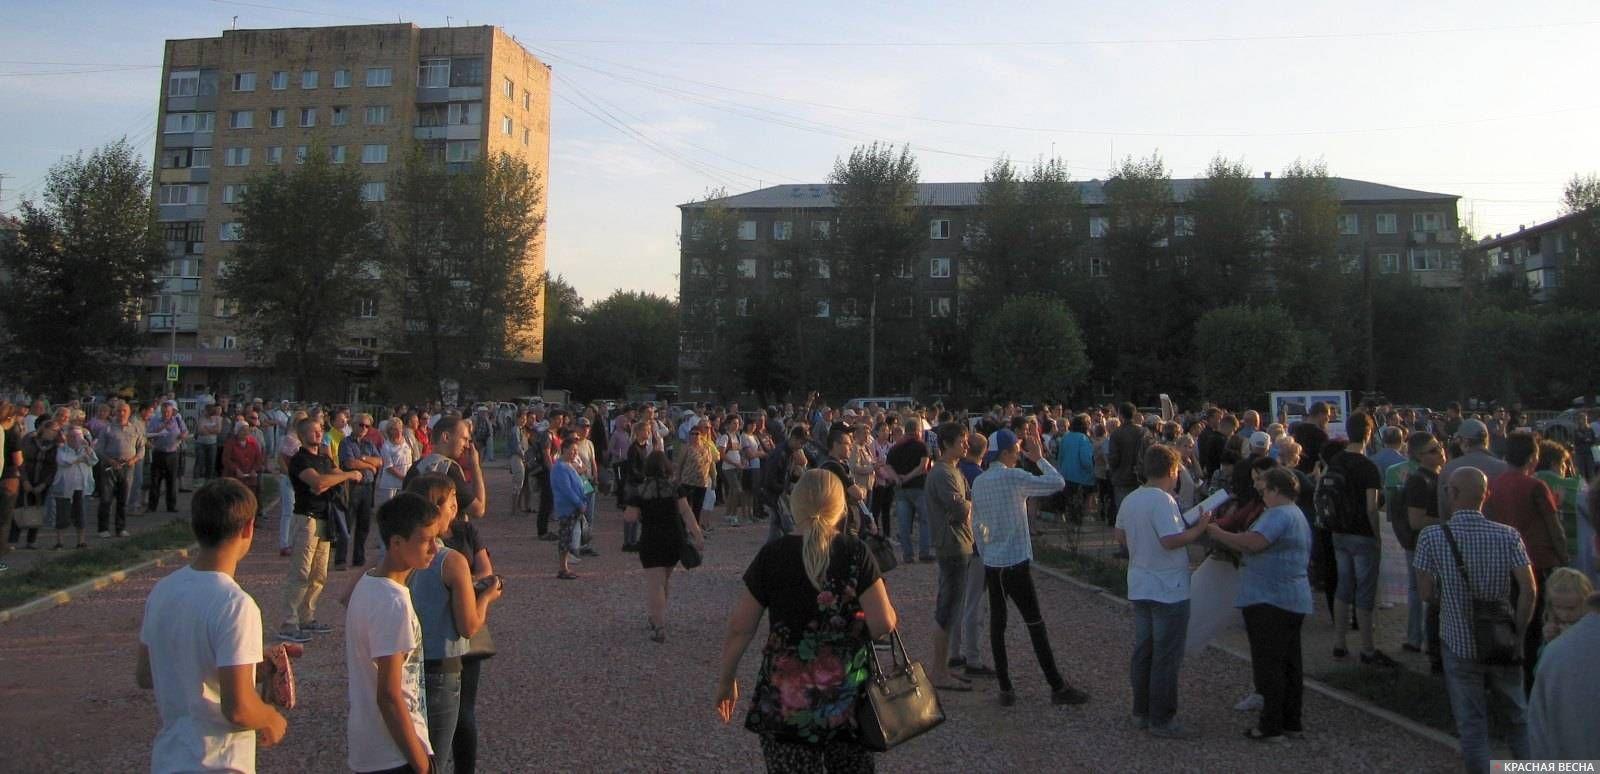 Скопление людей на митинге